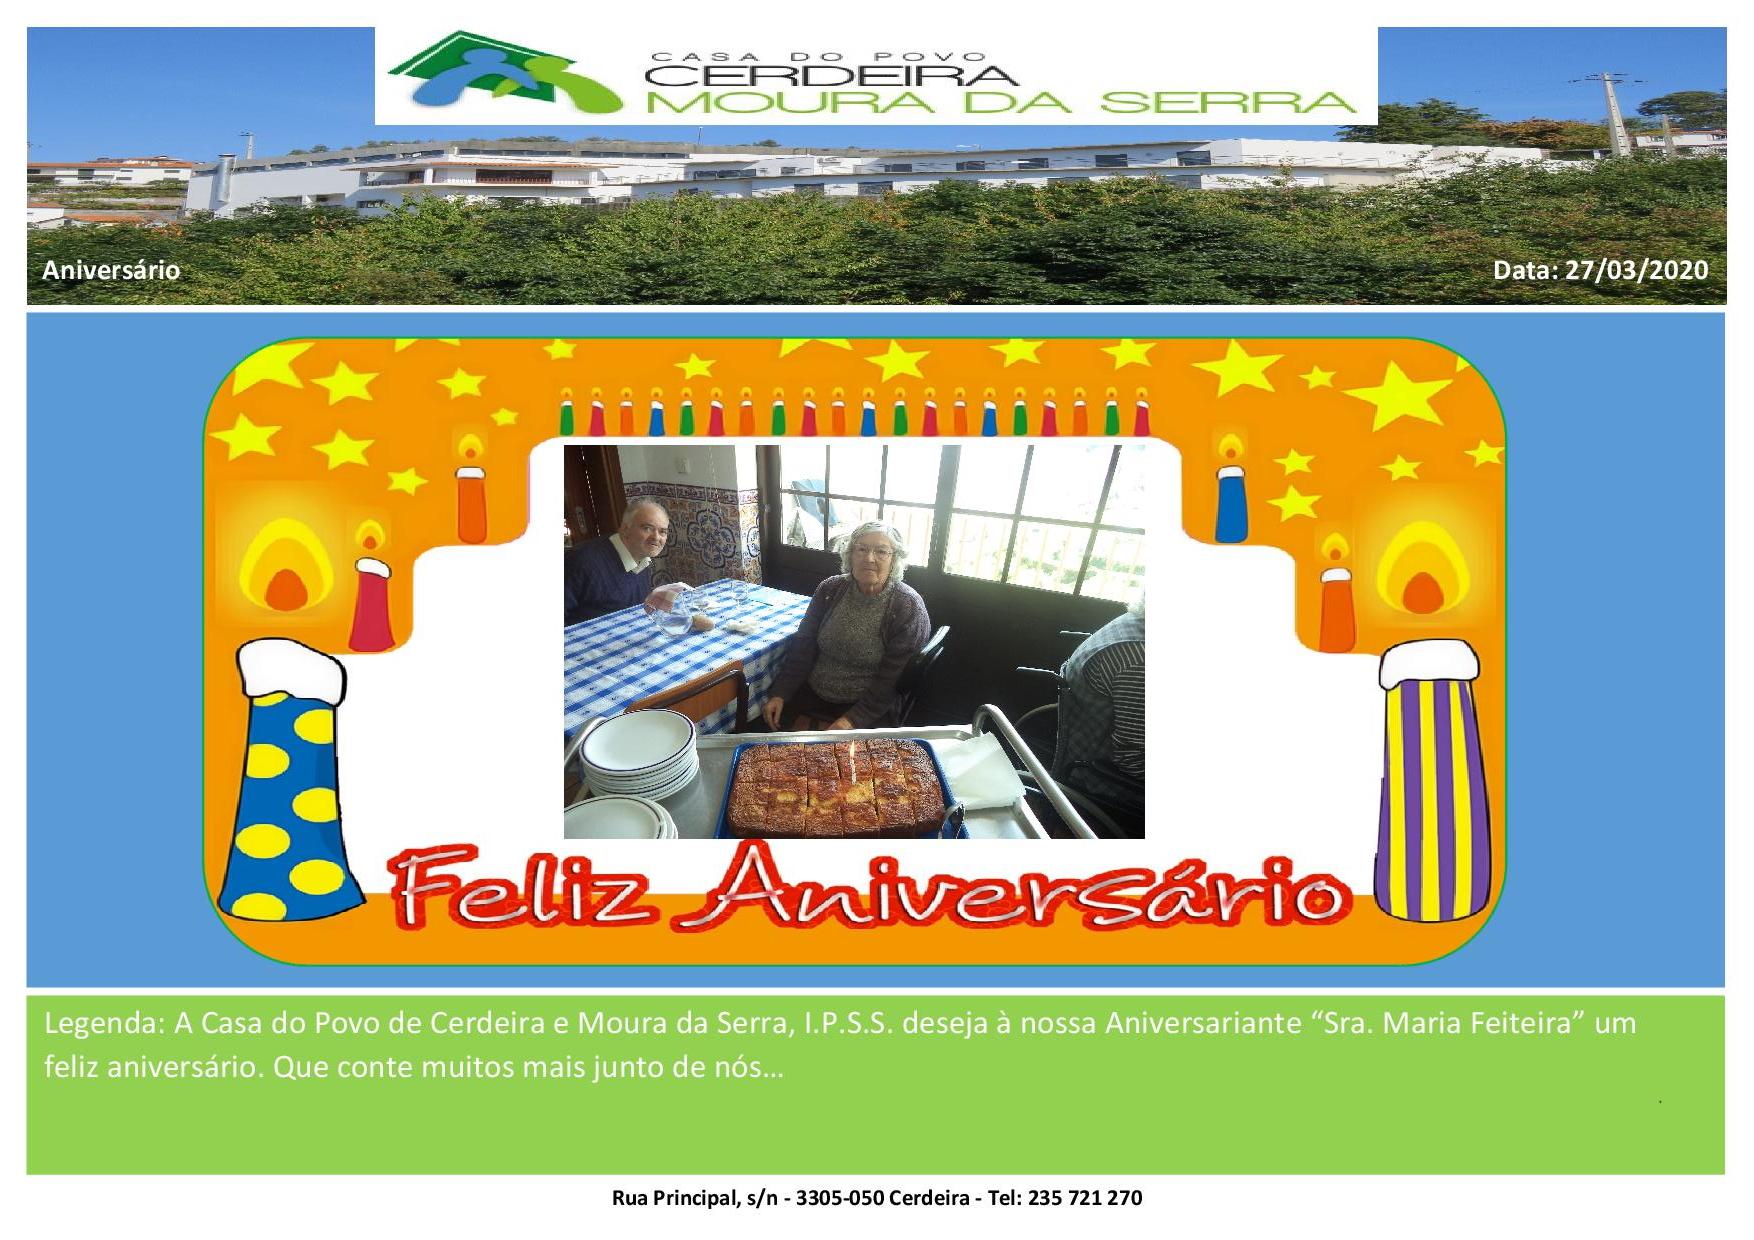 Feliz Aniversário à nossa Utente Sra. Maria Feiteira